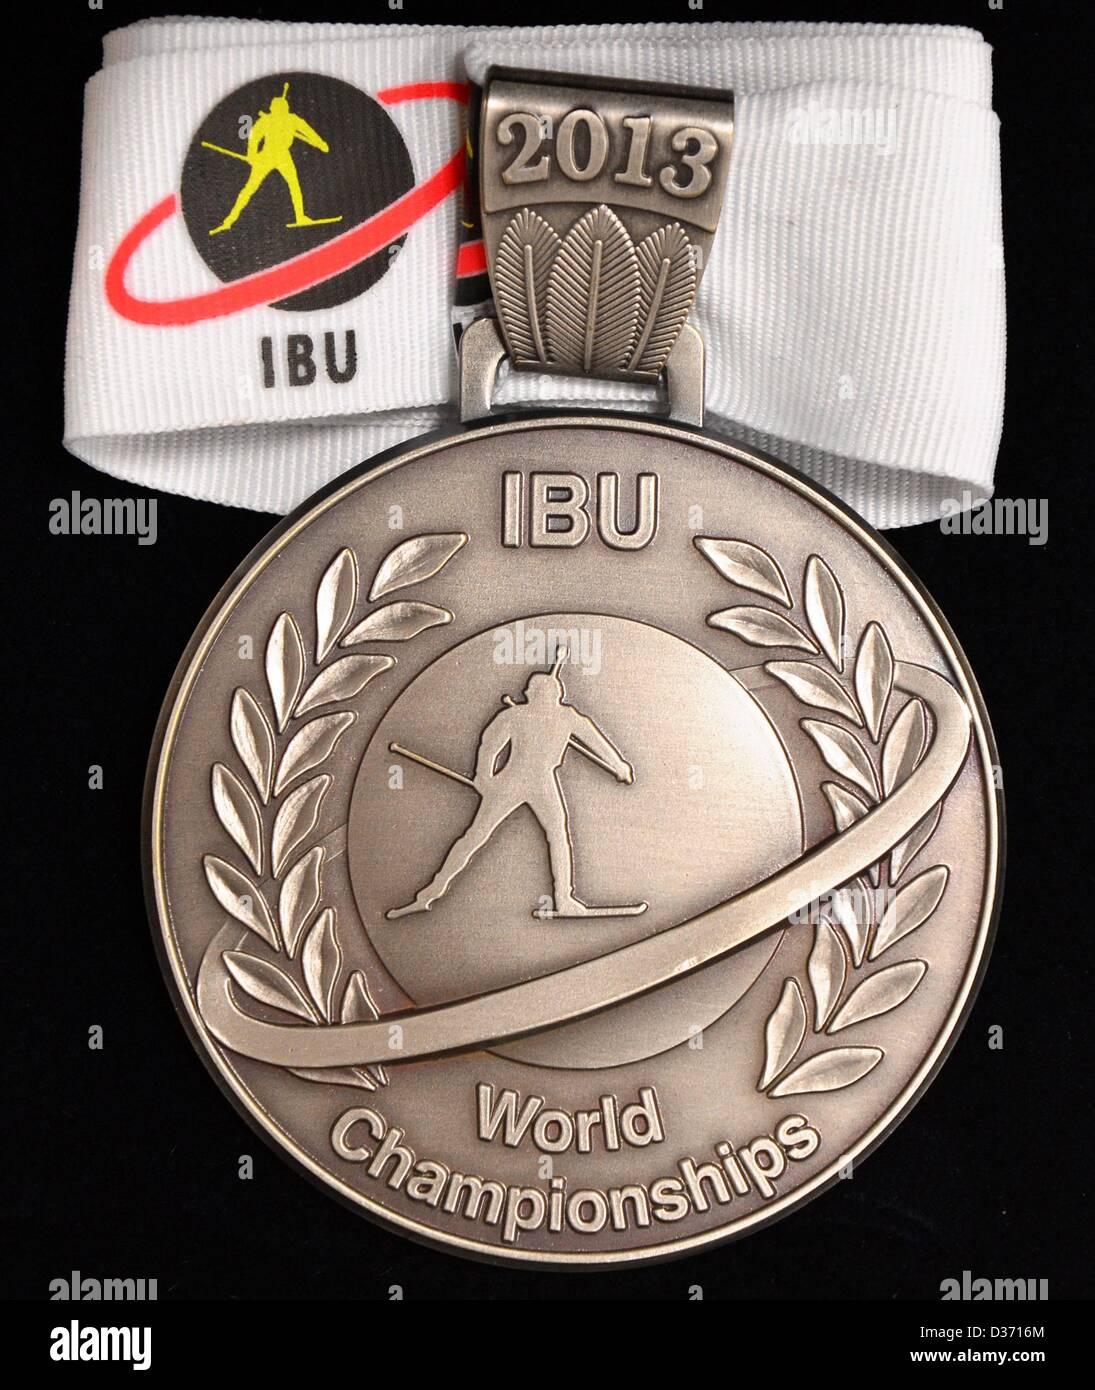 11.02.2013. Prix: à Nove Mesto, en République tchèque. La médaille d'argent pour le championnat du monde de Biathlon Banque D'Images